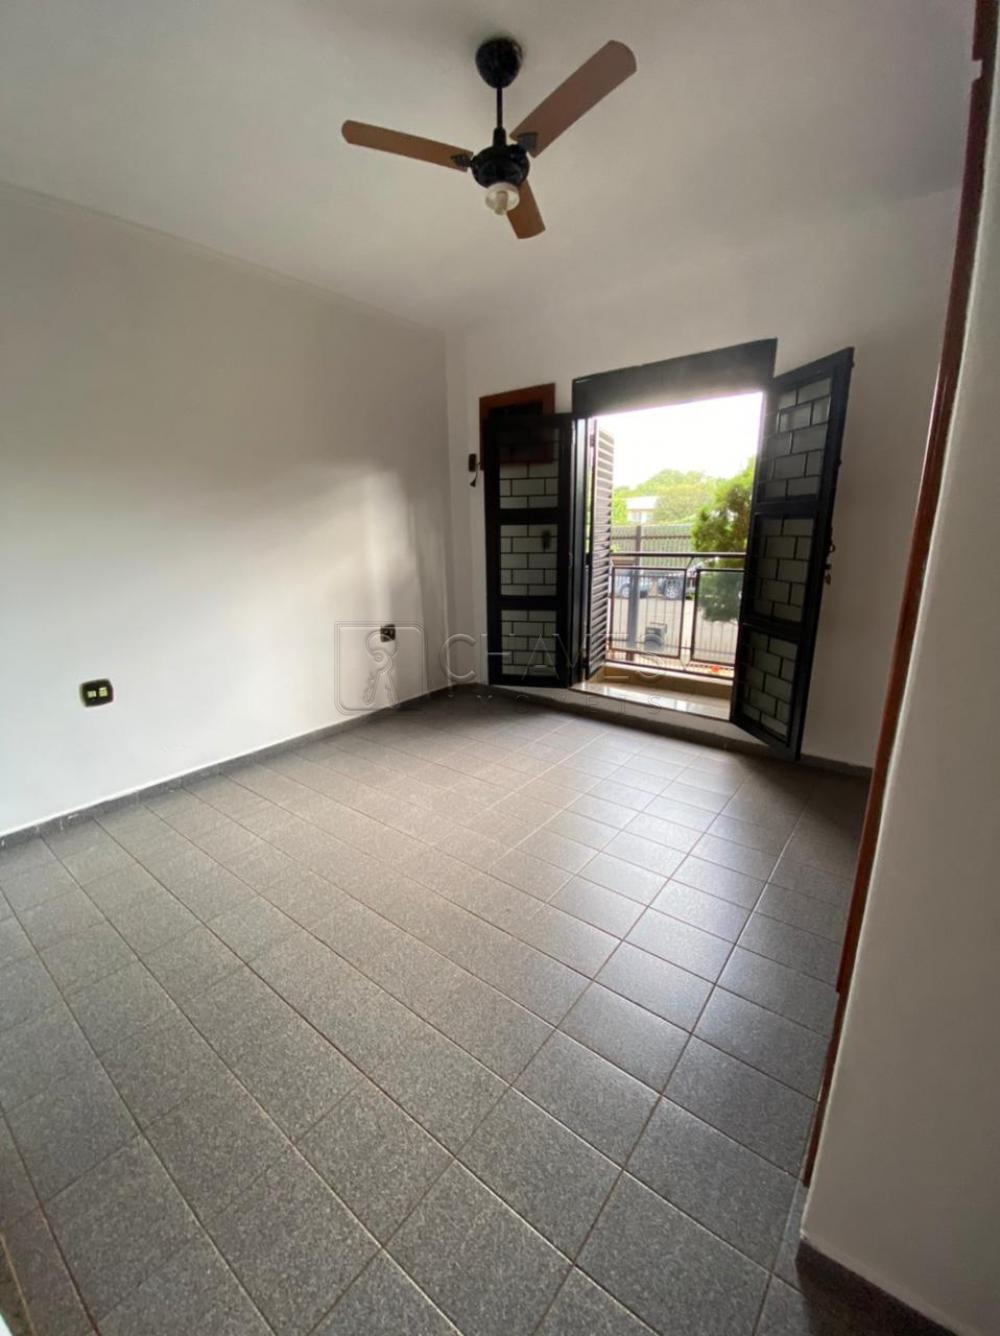 Comprar Apartamento / Padrão em Ribeirão Preto apenas R$ 330.000,00 - Foto 4